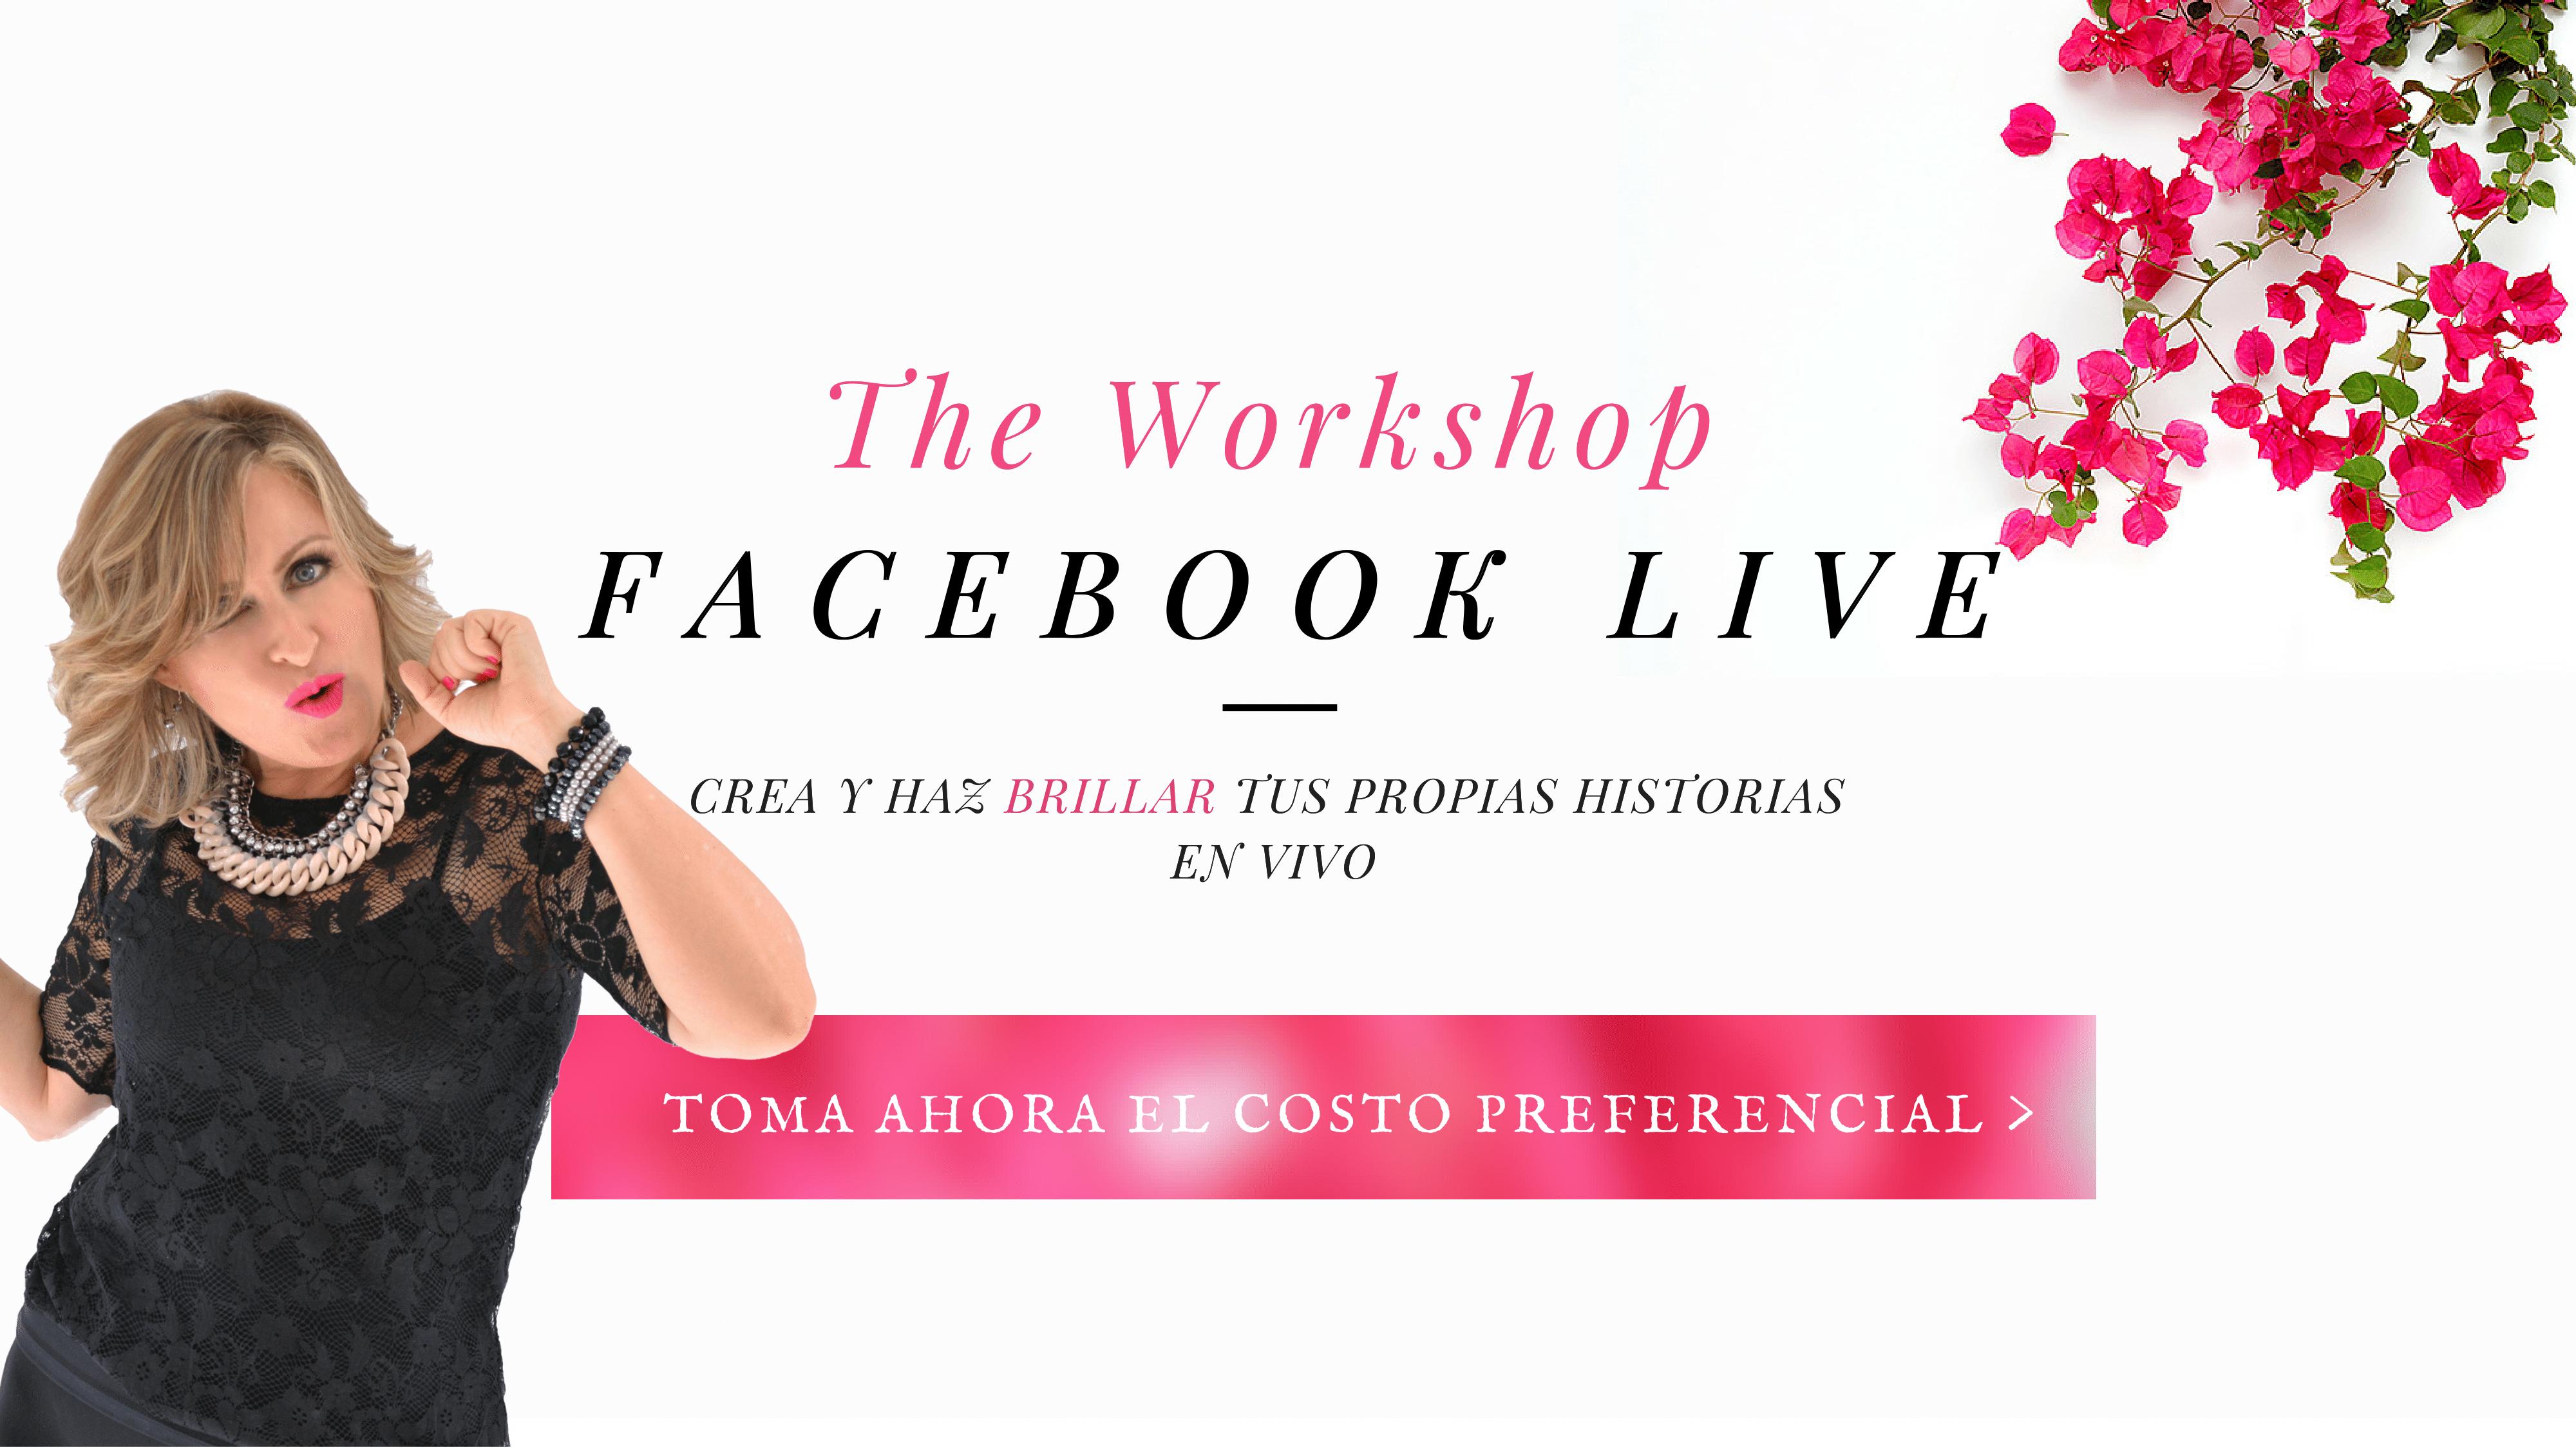 Como hacer transmisiones en vivo en Facebook=